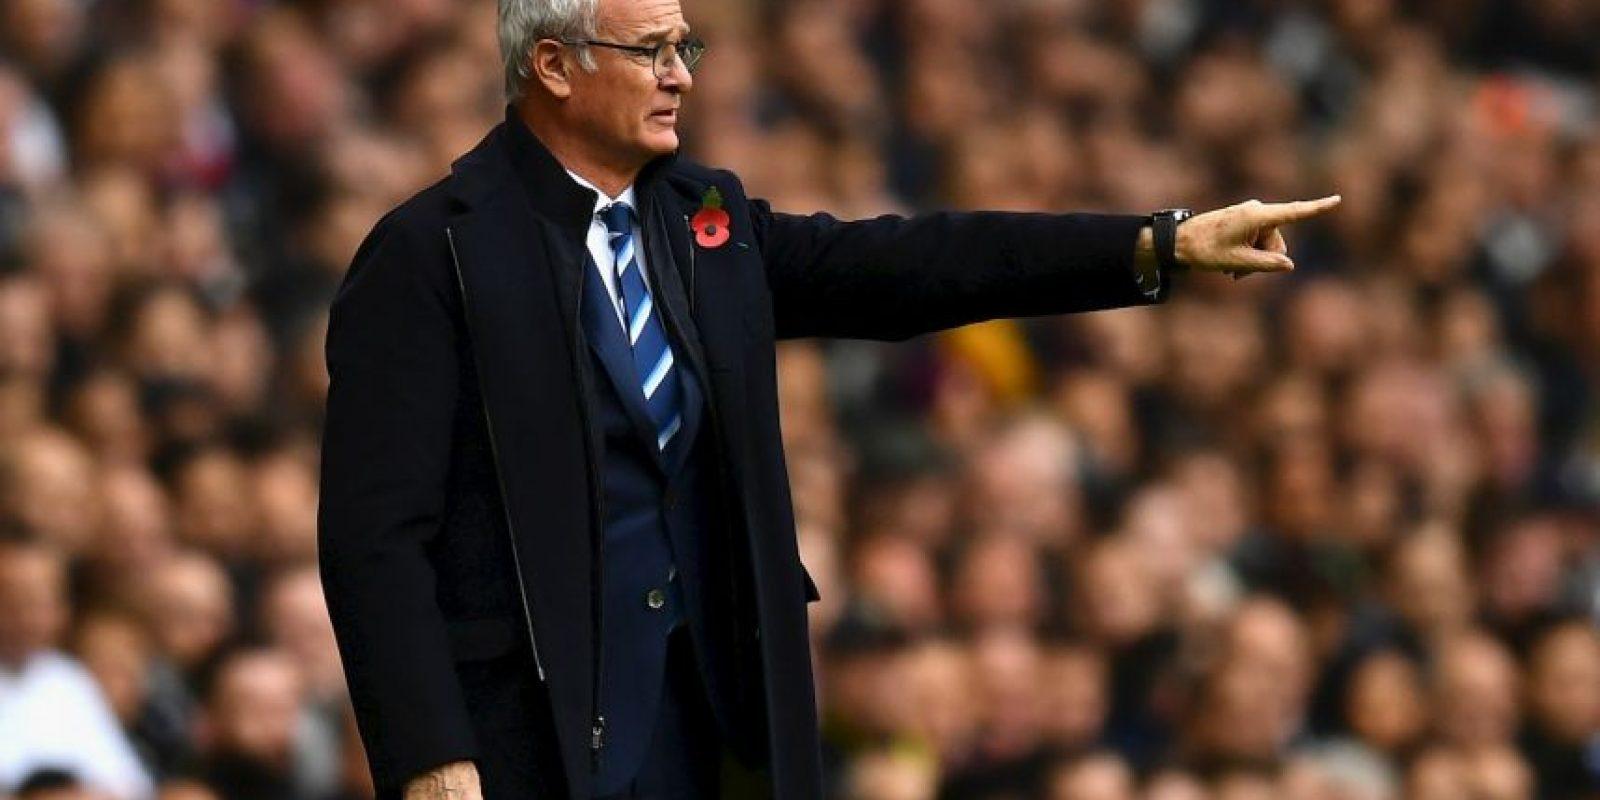 Claudio Ranieri (Leicester): Llegó a los Foxes tras fracasar en la selección de Grecia y su gran objetivo era salvar del descenso. Sin embargo, comandó a un equipo sorprendente y los hizo ganar la Premier League, dando el golpe a la cátedra en Inglaterra. 'Ranieri inculcó a sus hombres un espíritu de equipo inigualable, inspirándolos a acabar ganando la liga de forma increíble y contra todo pronóstico', señala el máximo organismo del fútbol. Foto:Getty Images